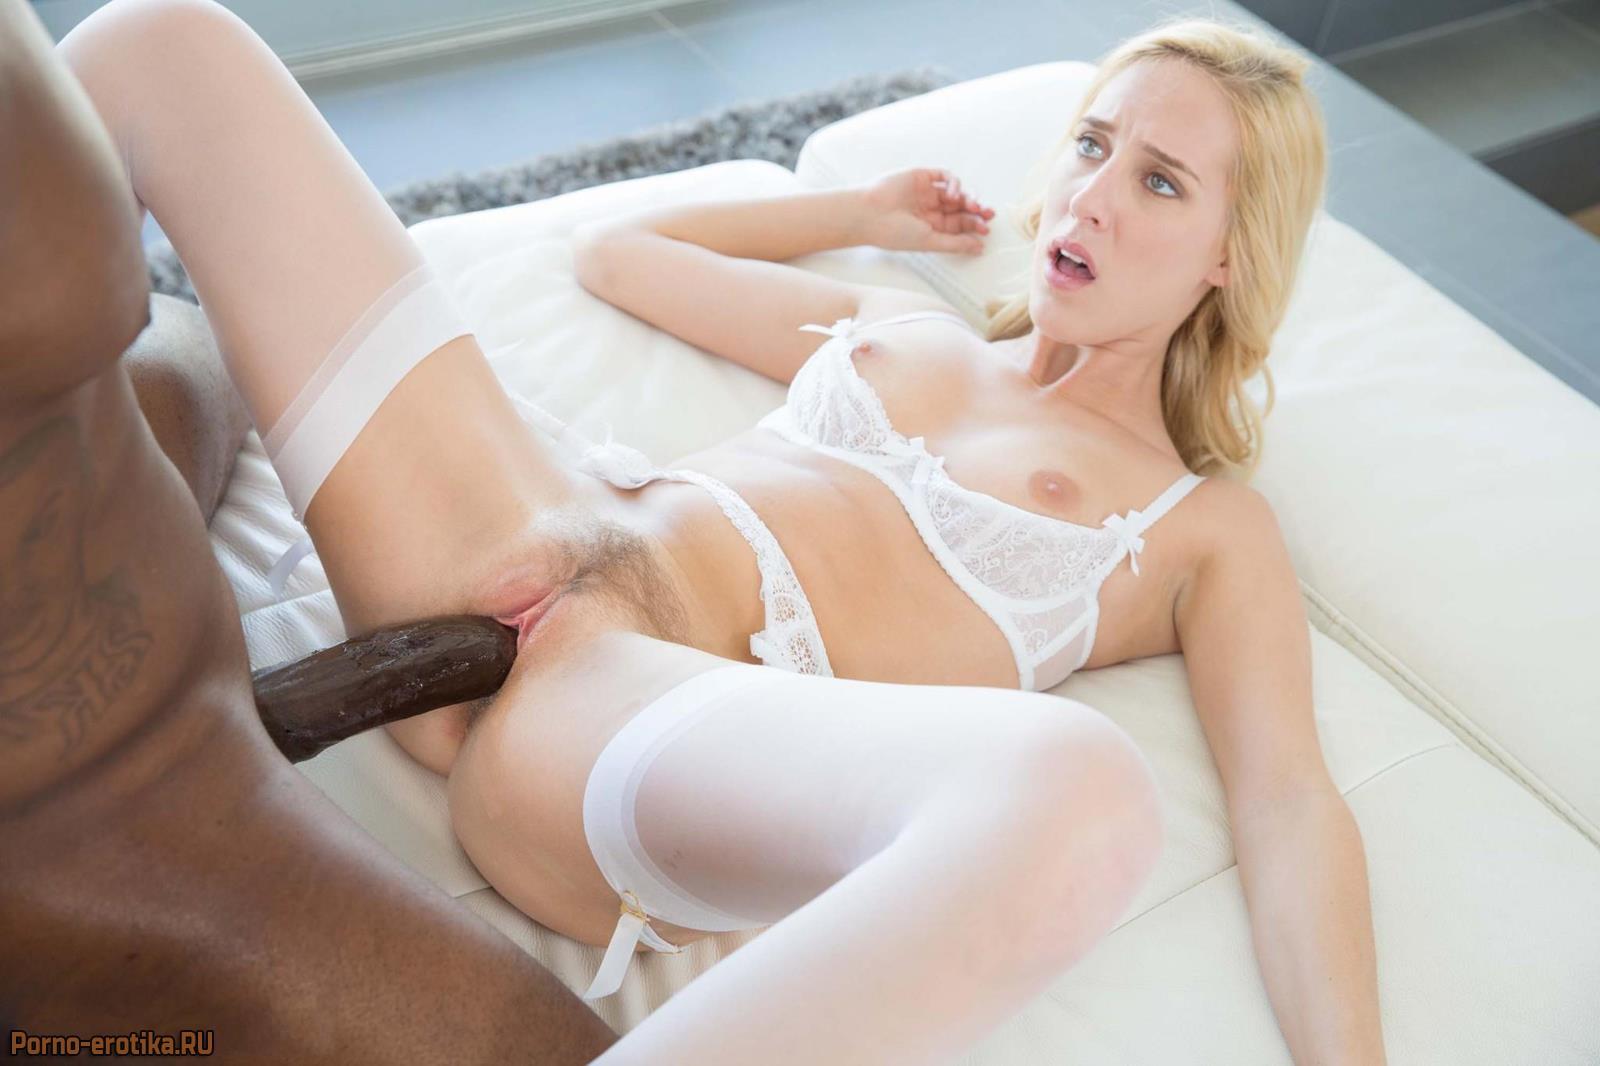 Негр с блондинкой трахаются